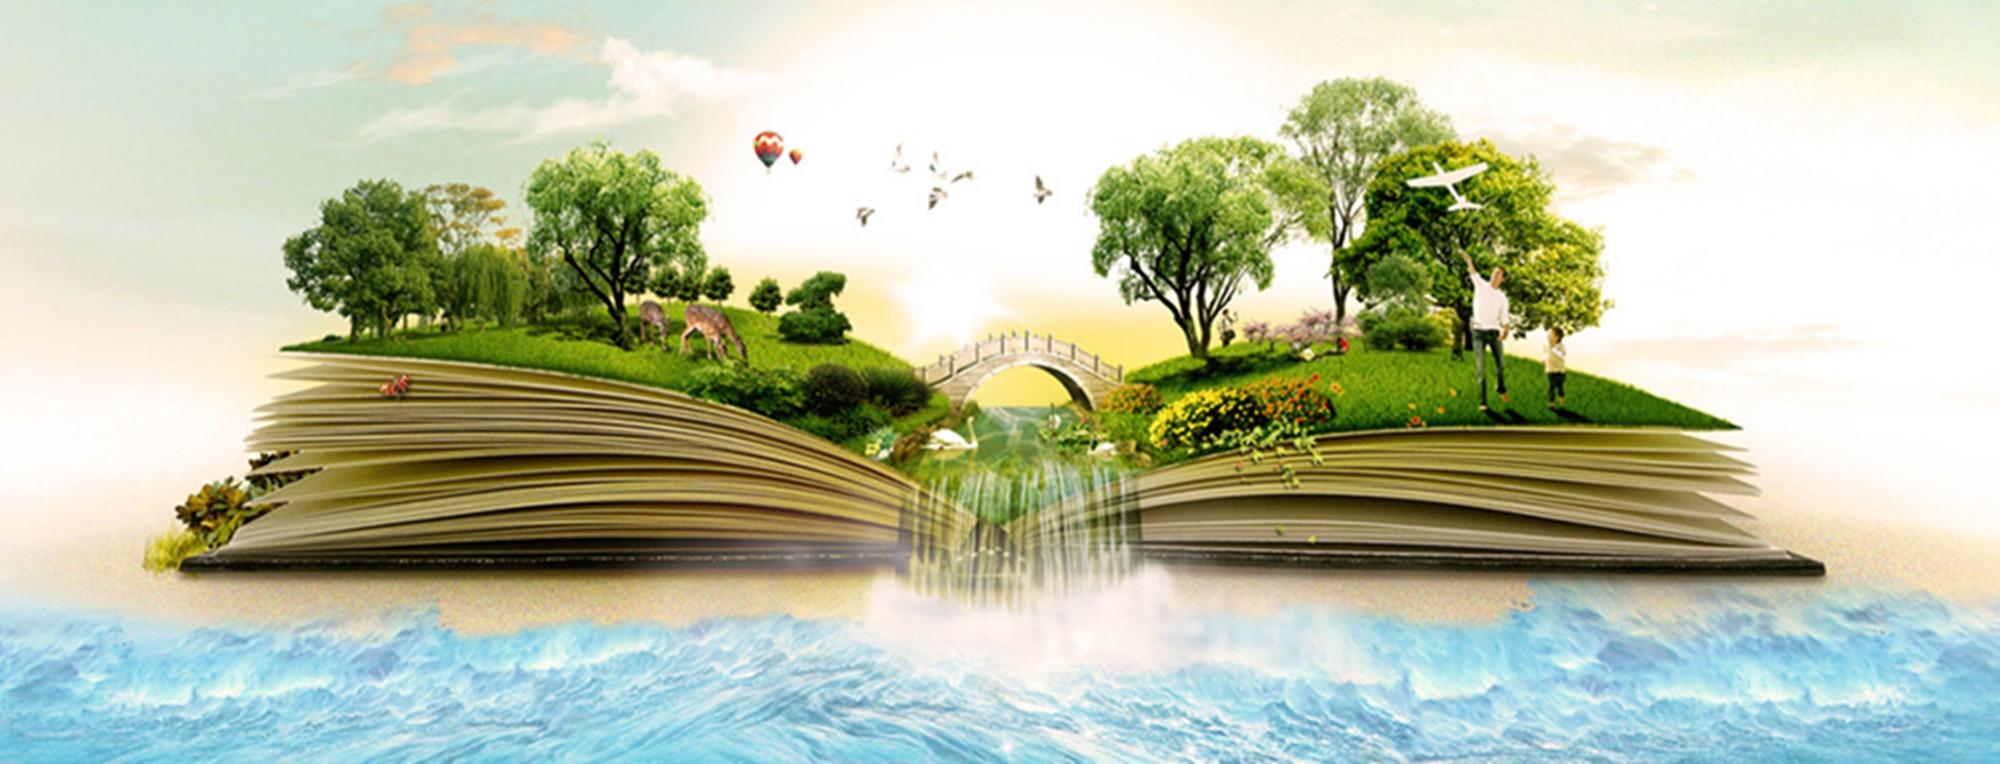 La importancia de la lectura en el proceso educativo de las personas con Necesidades Educativas Especiales